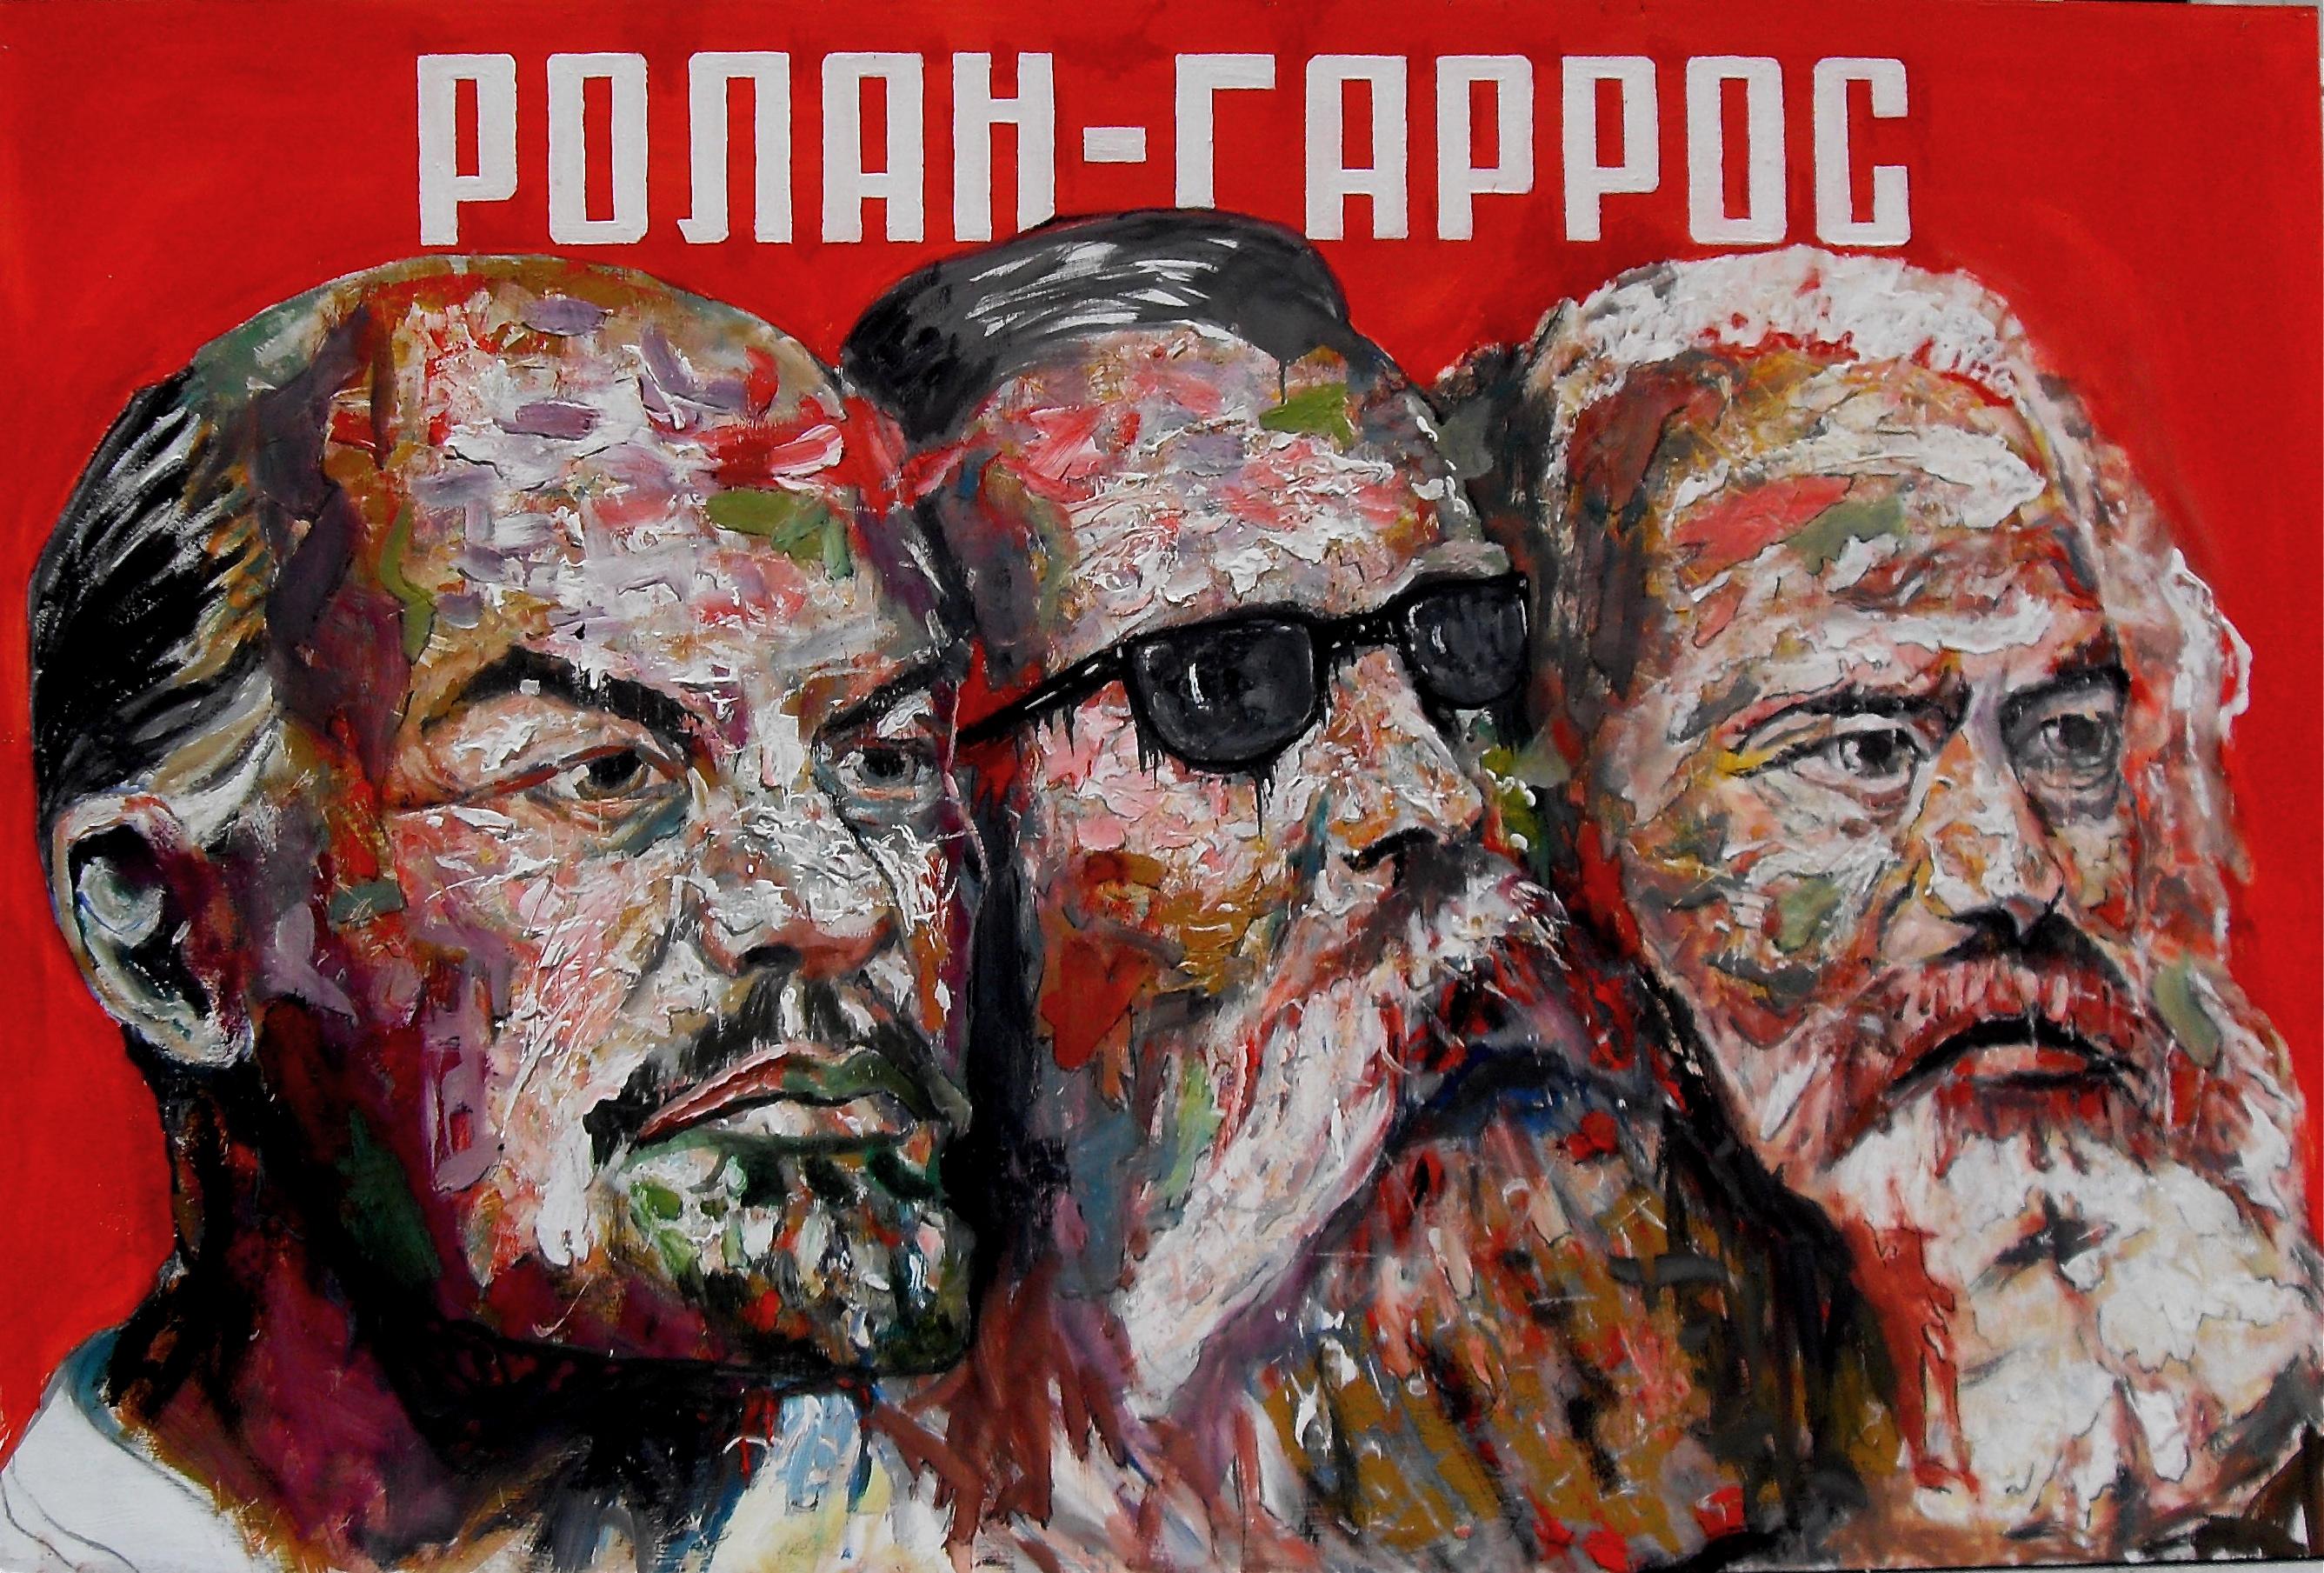 Portrait de trois amis à Roland-Garros, par Stanmac. Huile sur panneau / Oil on board. 100 cm x 150 cm. 2015 (starring Lénine, Engels et Marx)